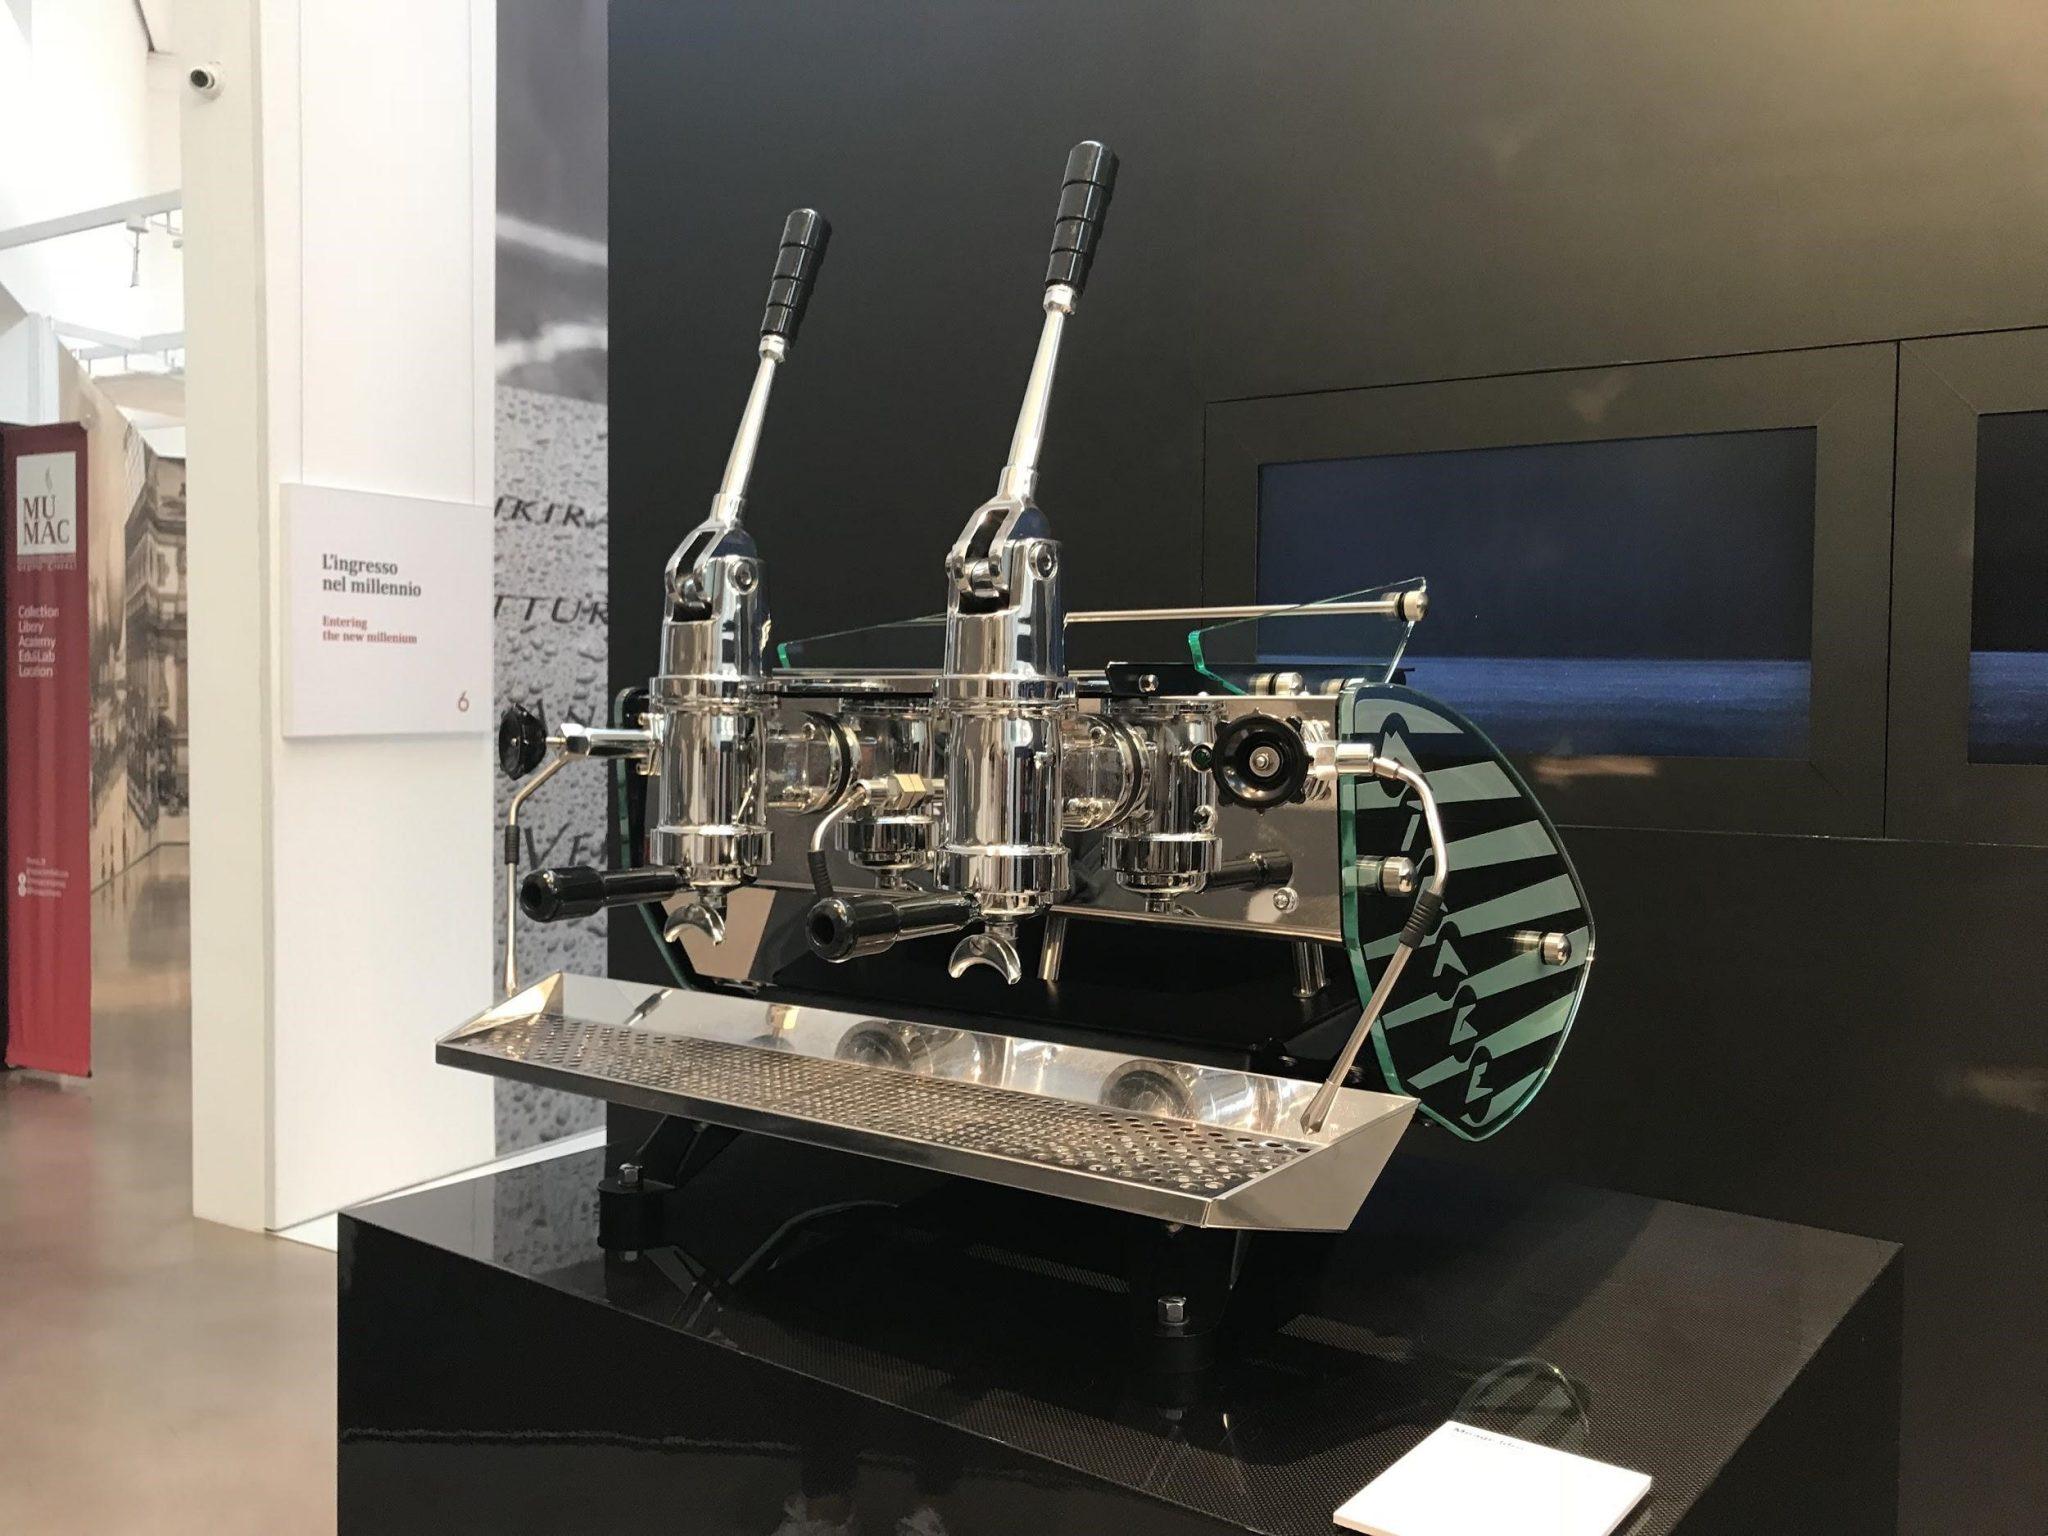 máquina de café espresso do MUMAC